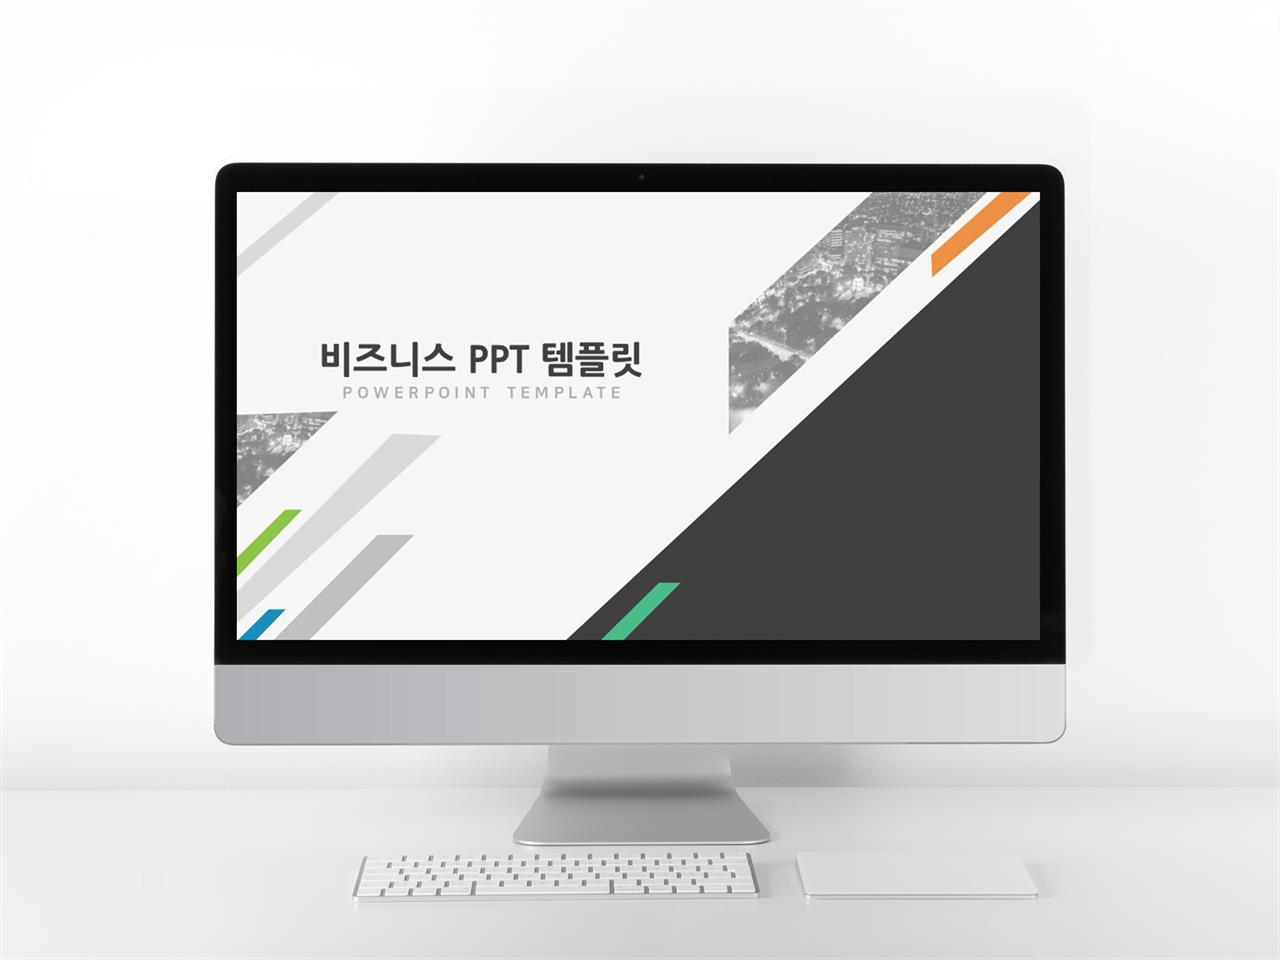 비즈니스 회색 화려한 멋진 파워포인트템플릿 다운로드 미리보기